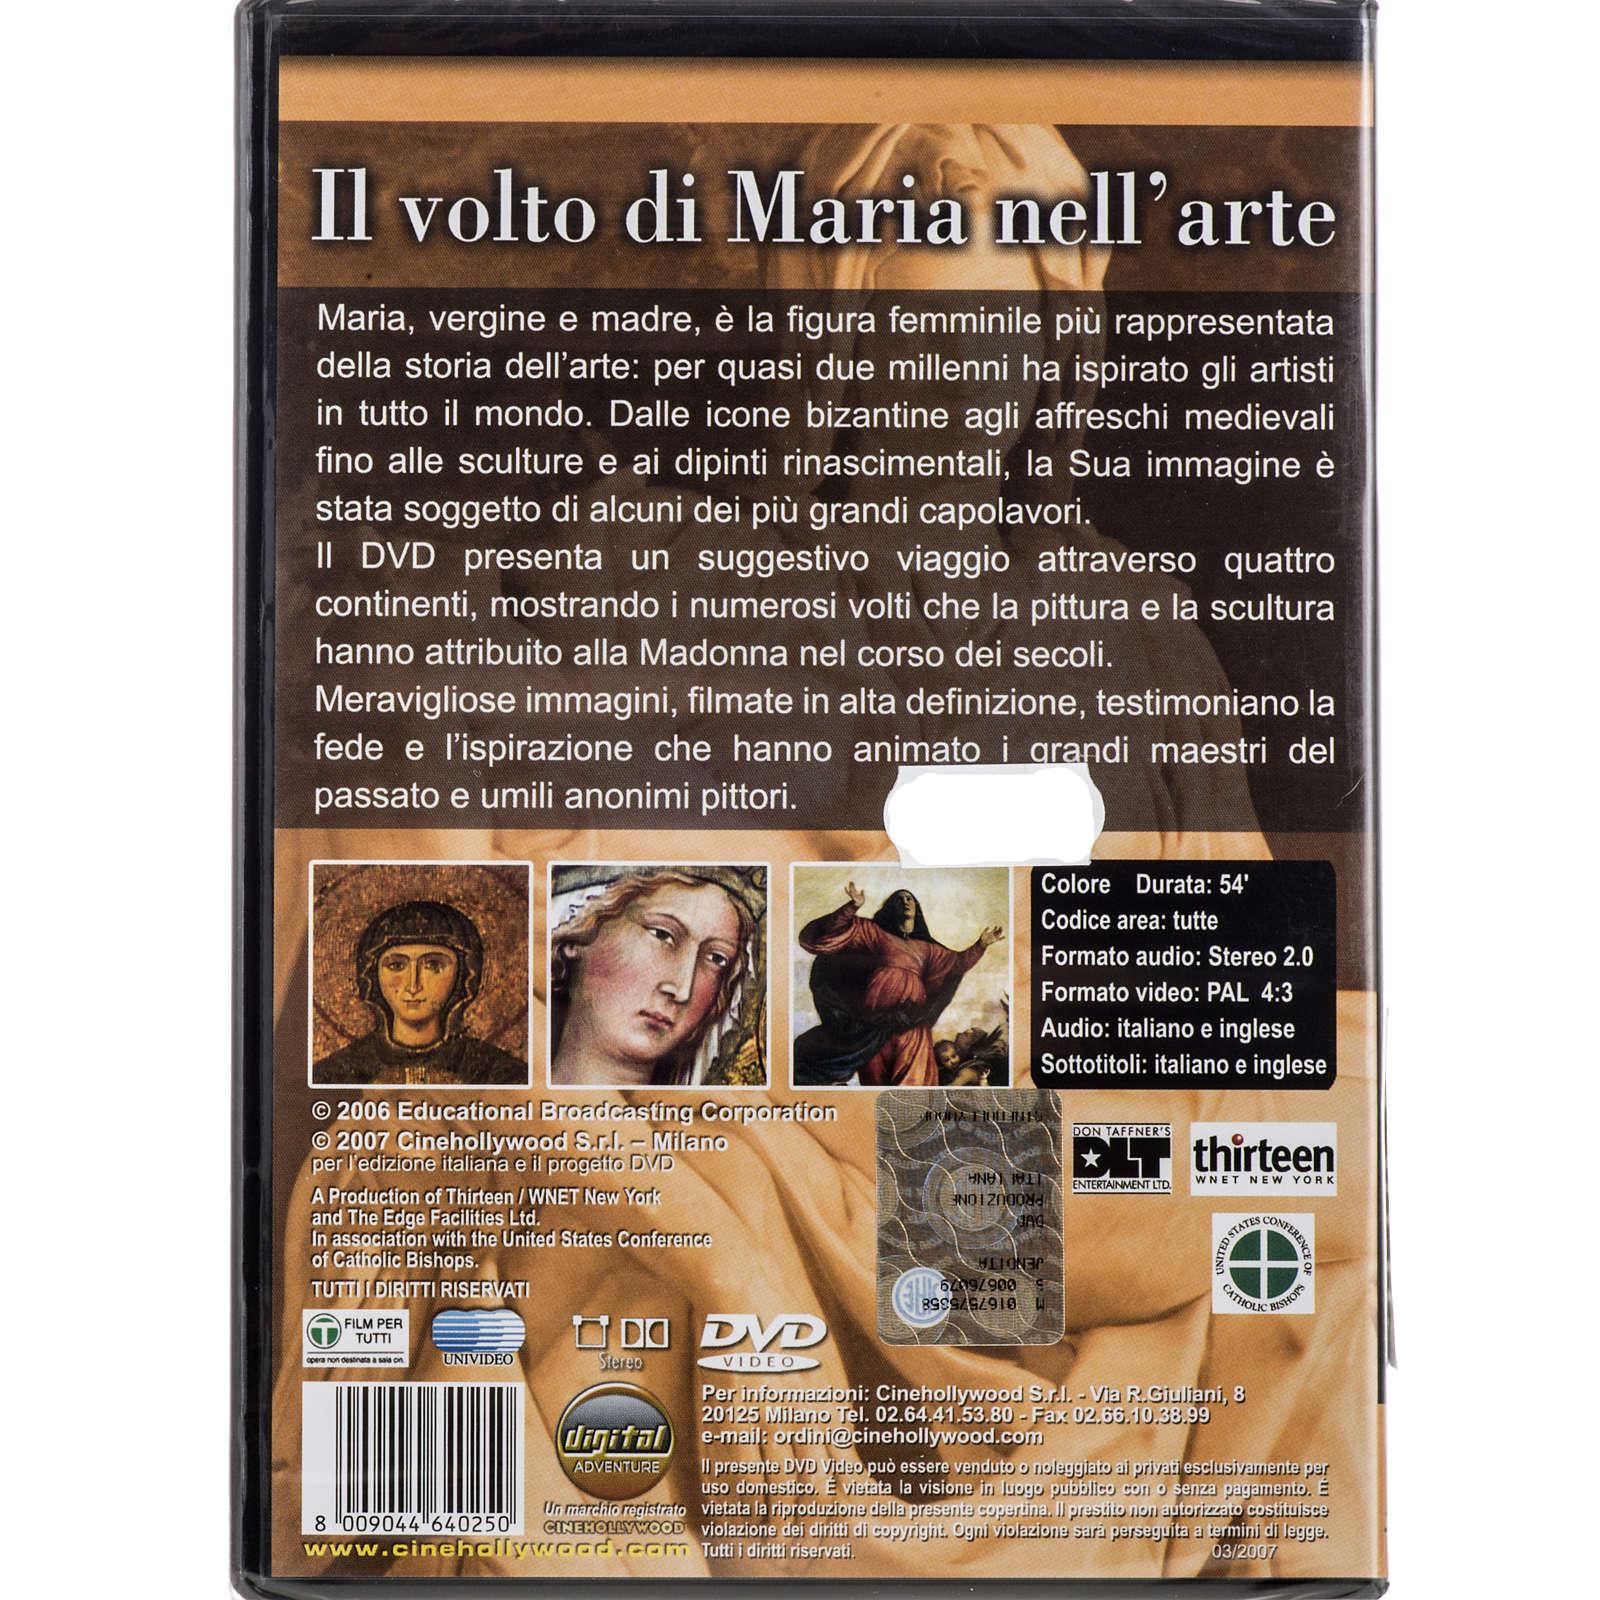 Il volto di Maria nell'arte 3